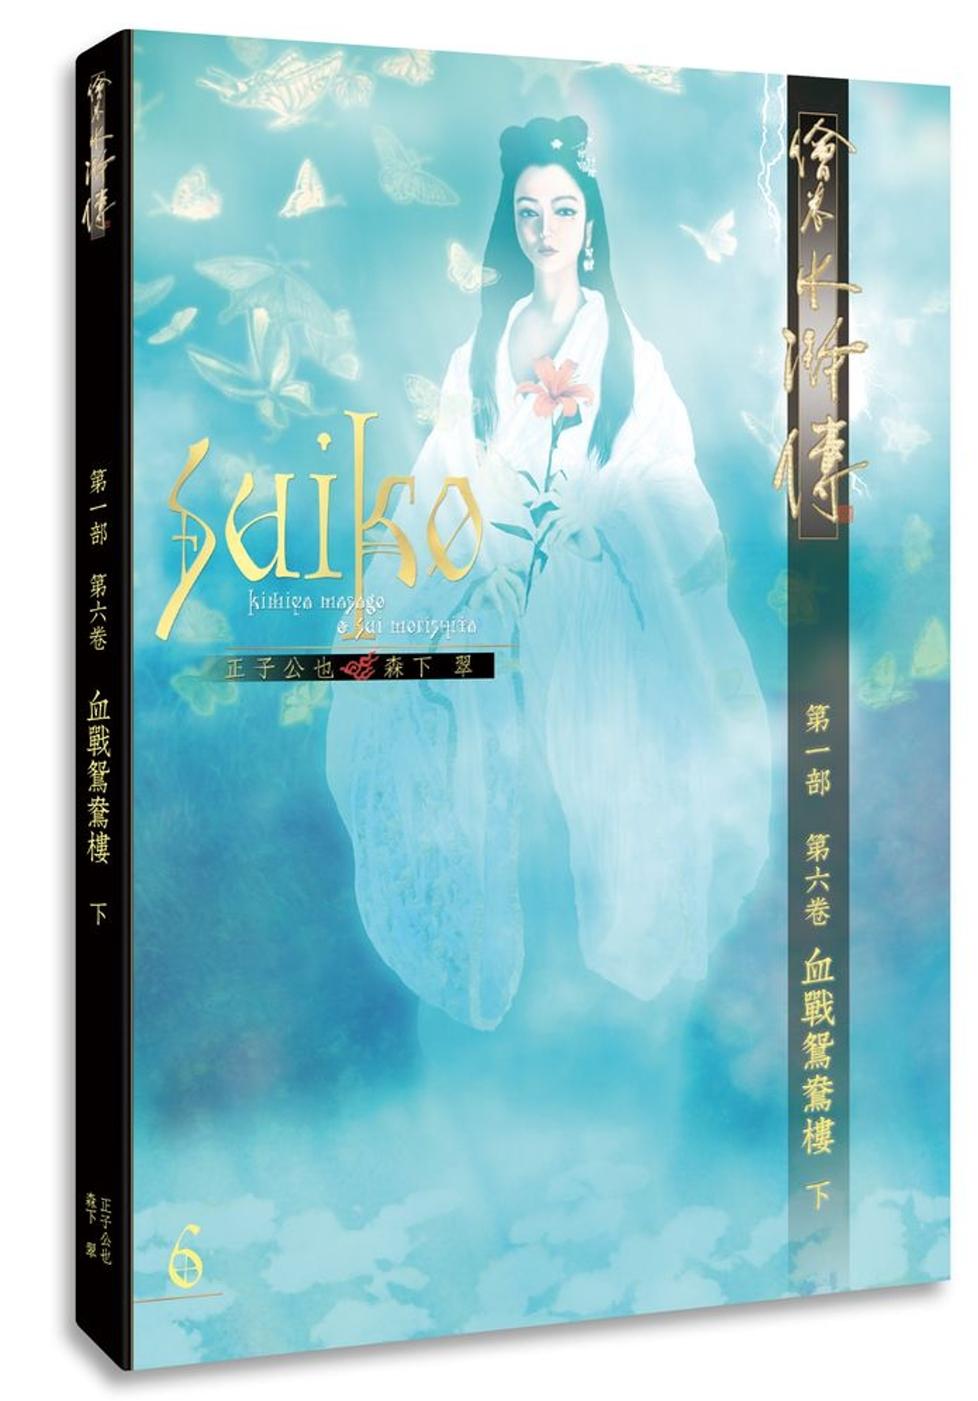 繪卷水滸傳(第一部)第六卷:血戰鴛鴦樓(下)